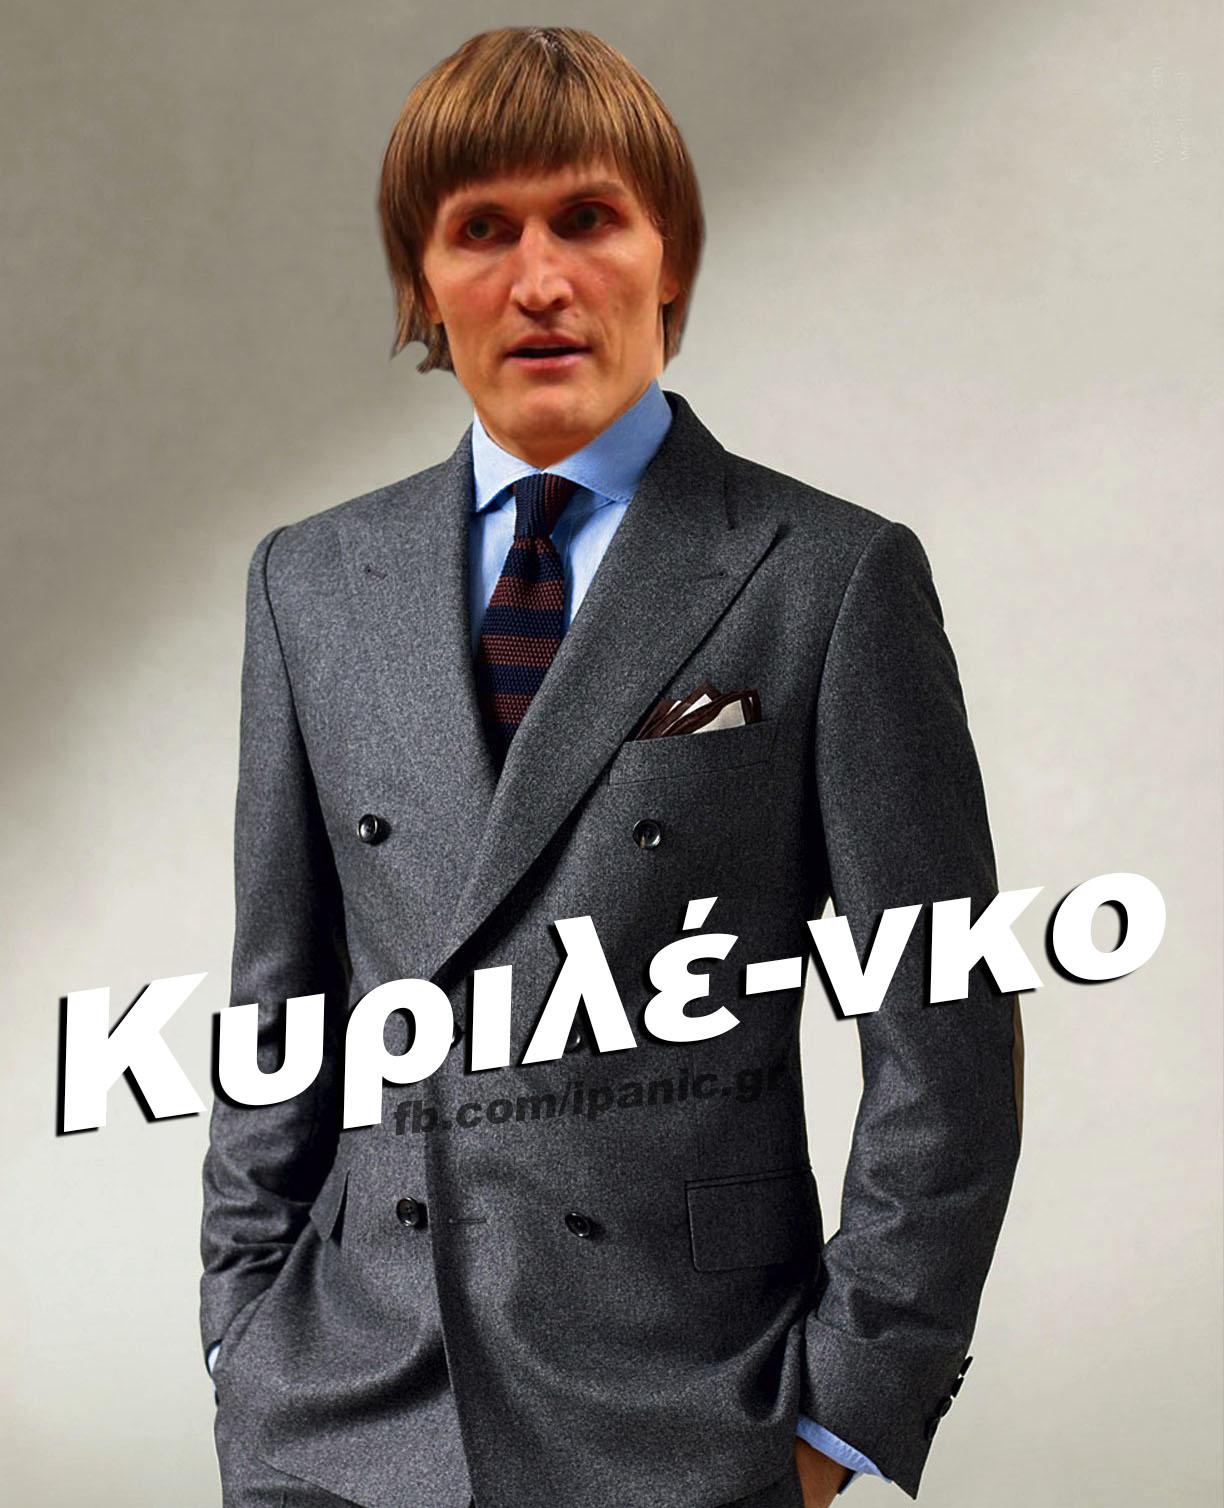 kyrilenko